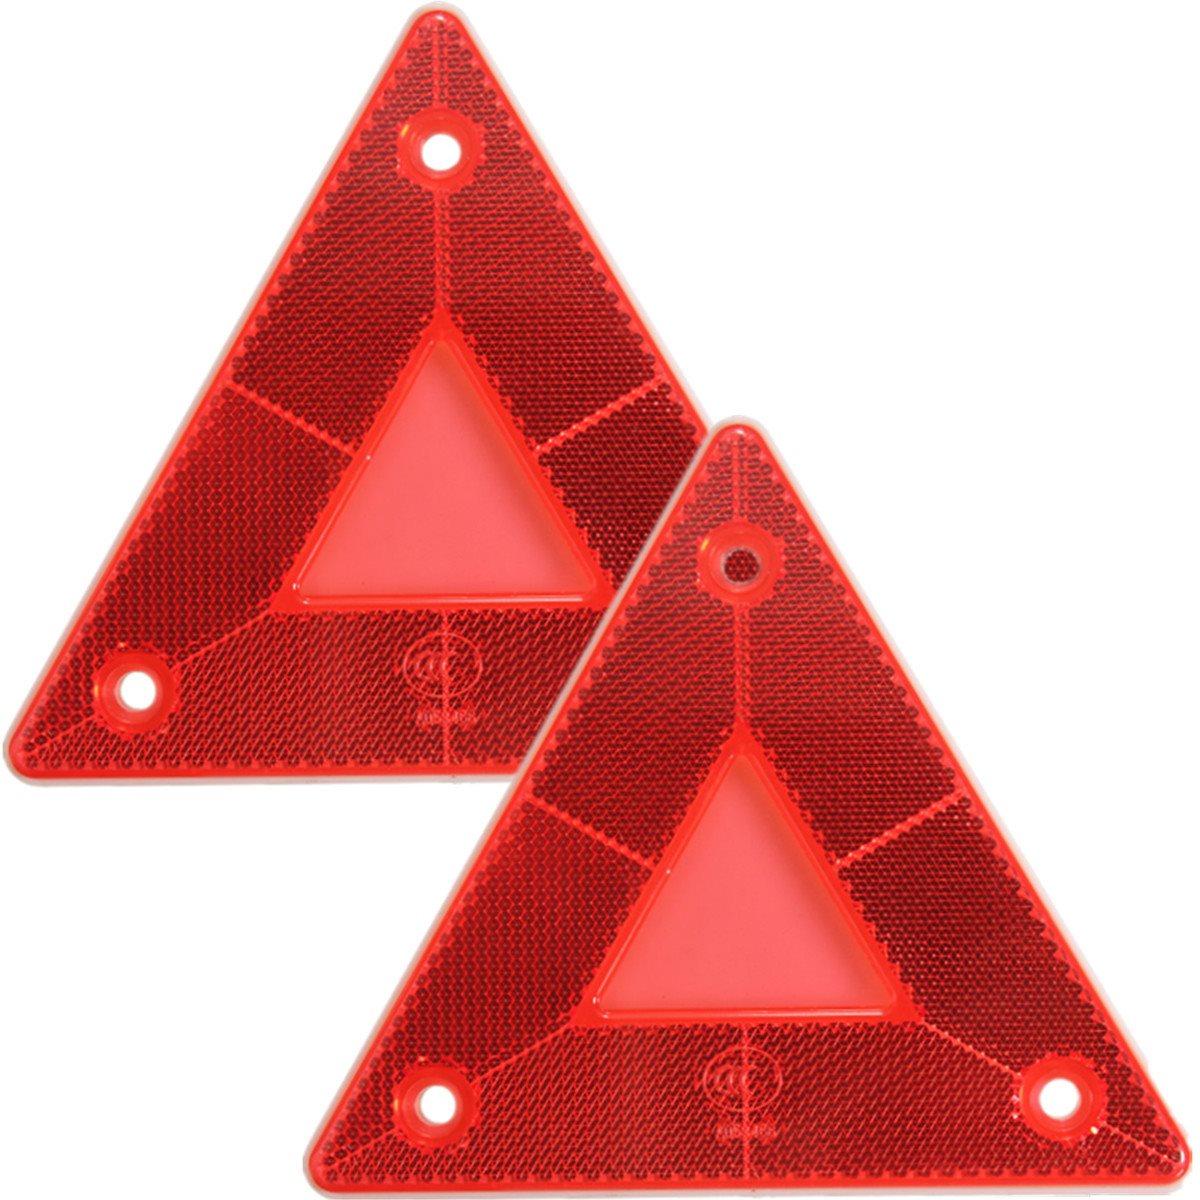 2Pcs Rear Light Car Truck Trailer Fire Triangle Reflector Safty Warning Board(China (Mainland))